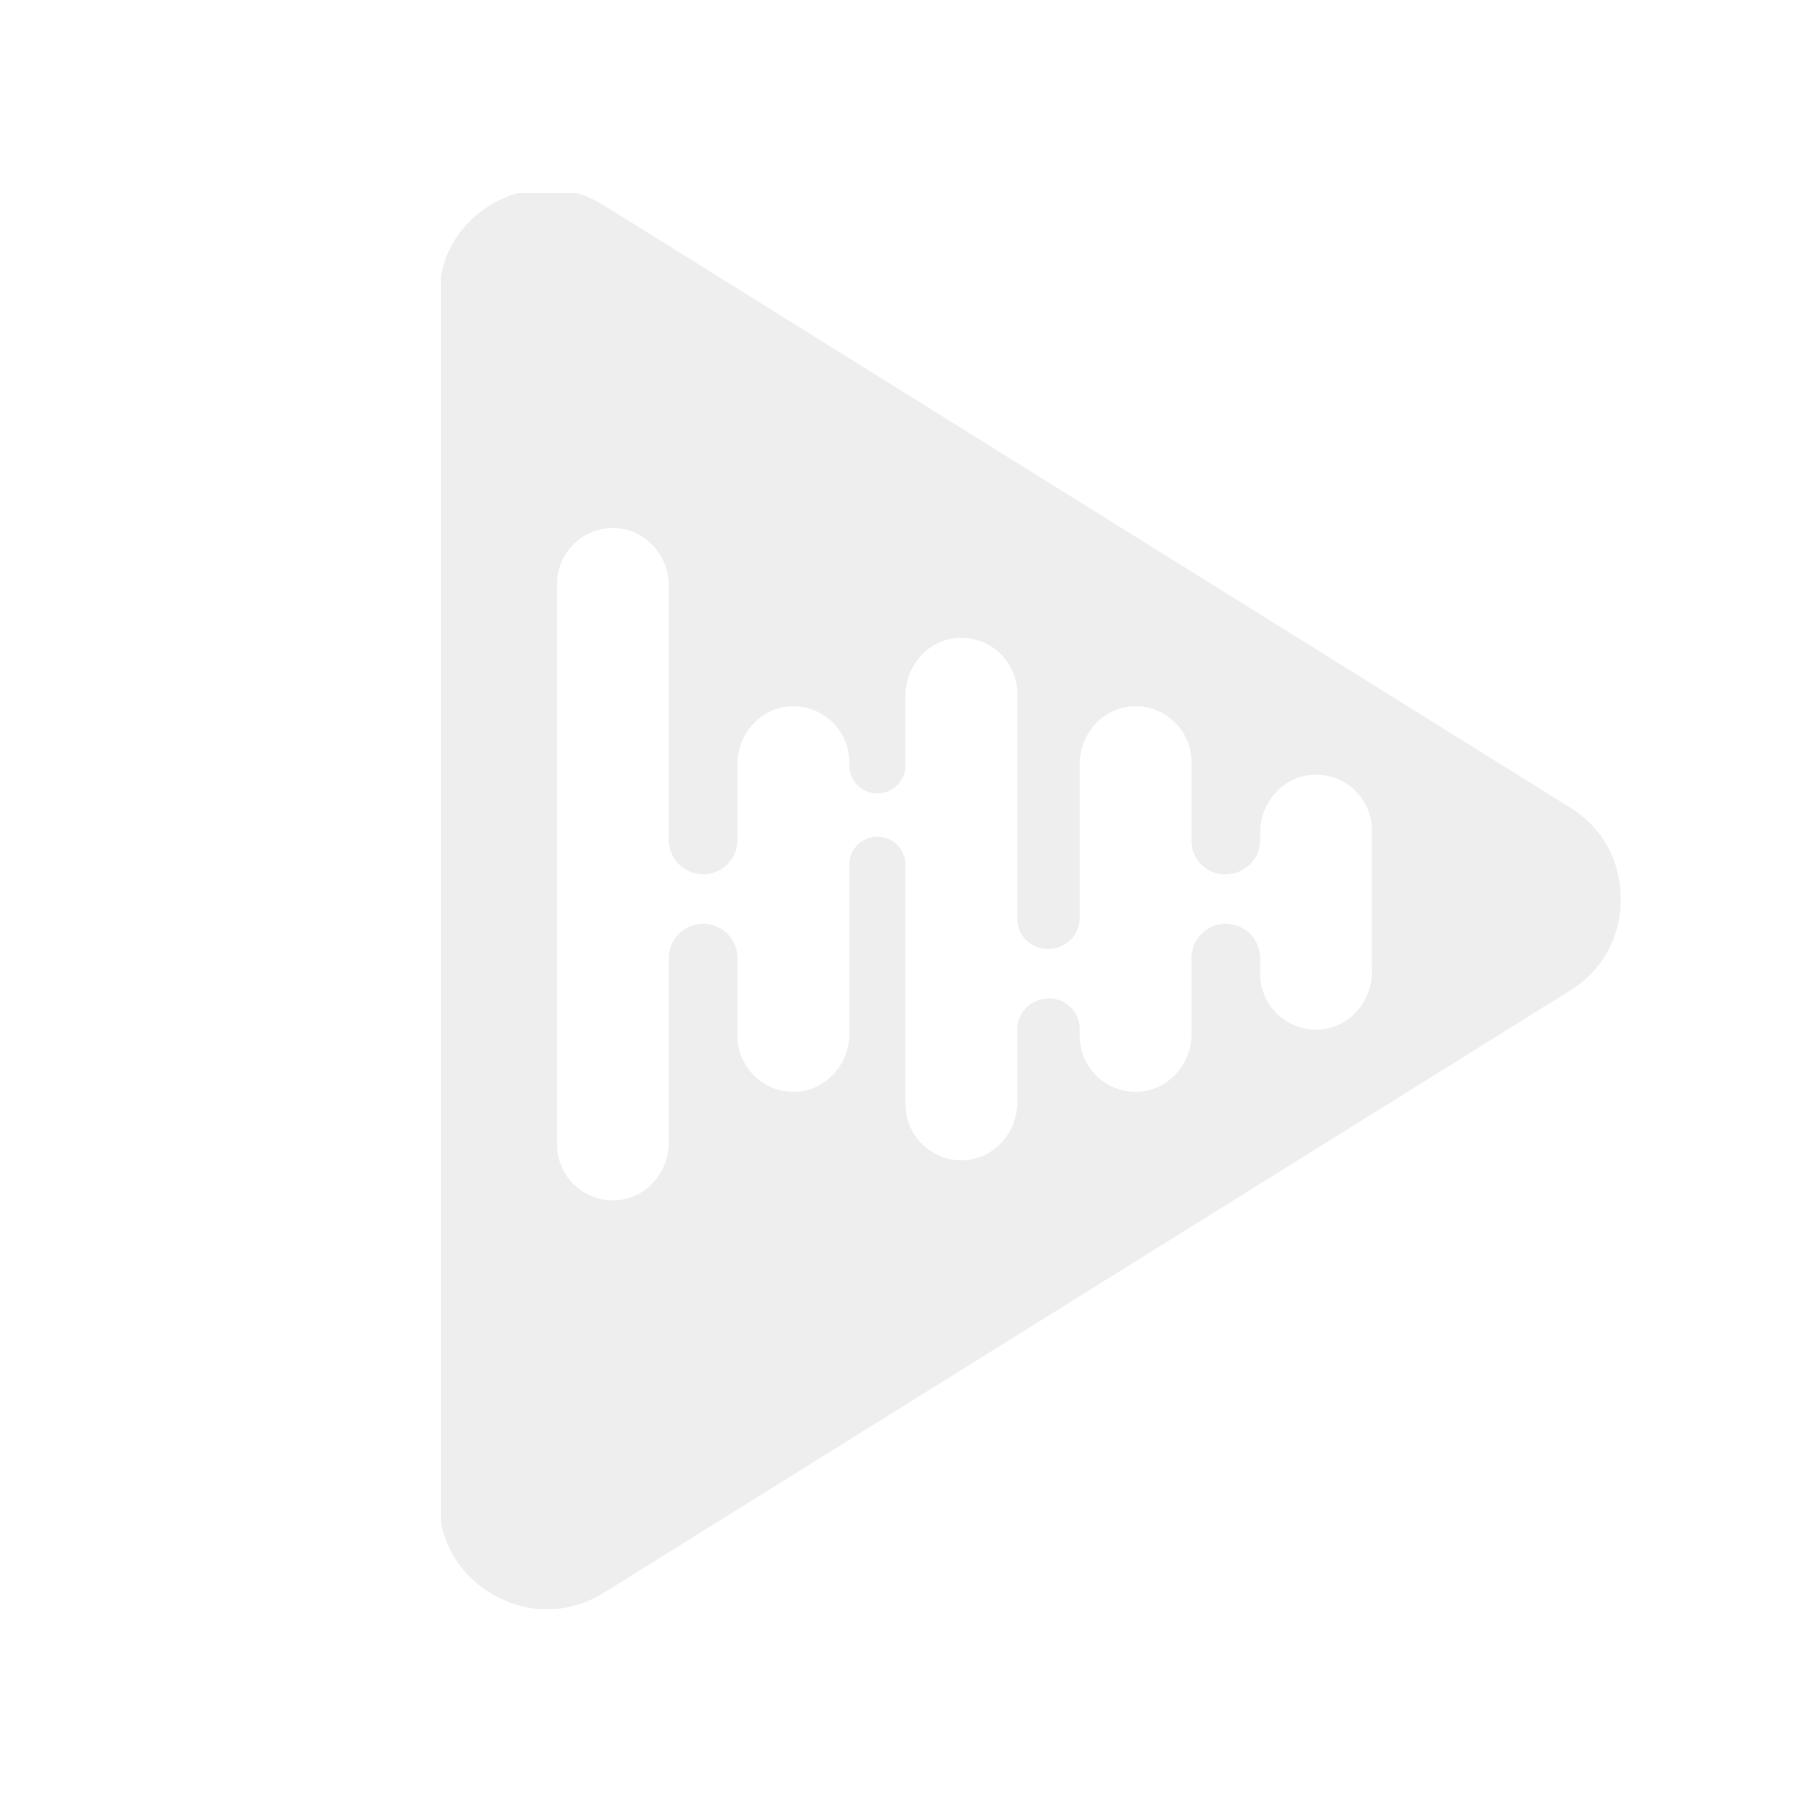 Metra AXADGM03 - Kabelsett til AXADBOX1/2 - GM ('00 >) m/class II